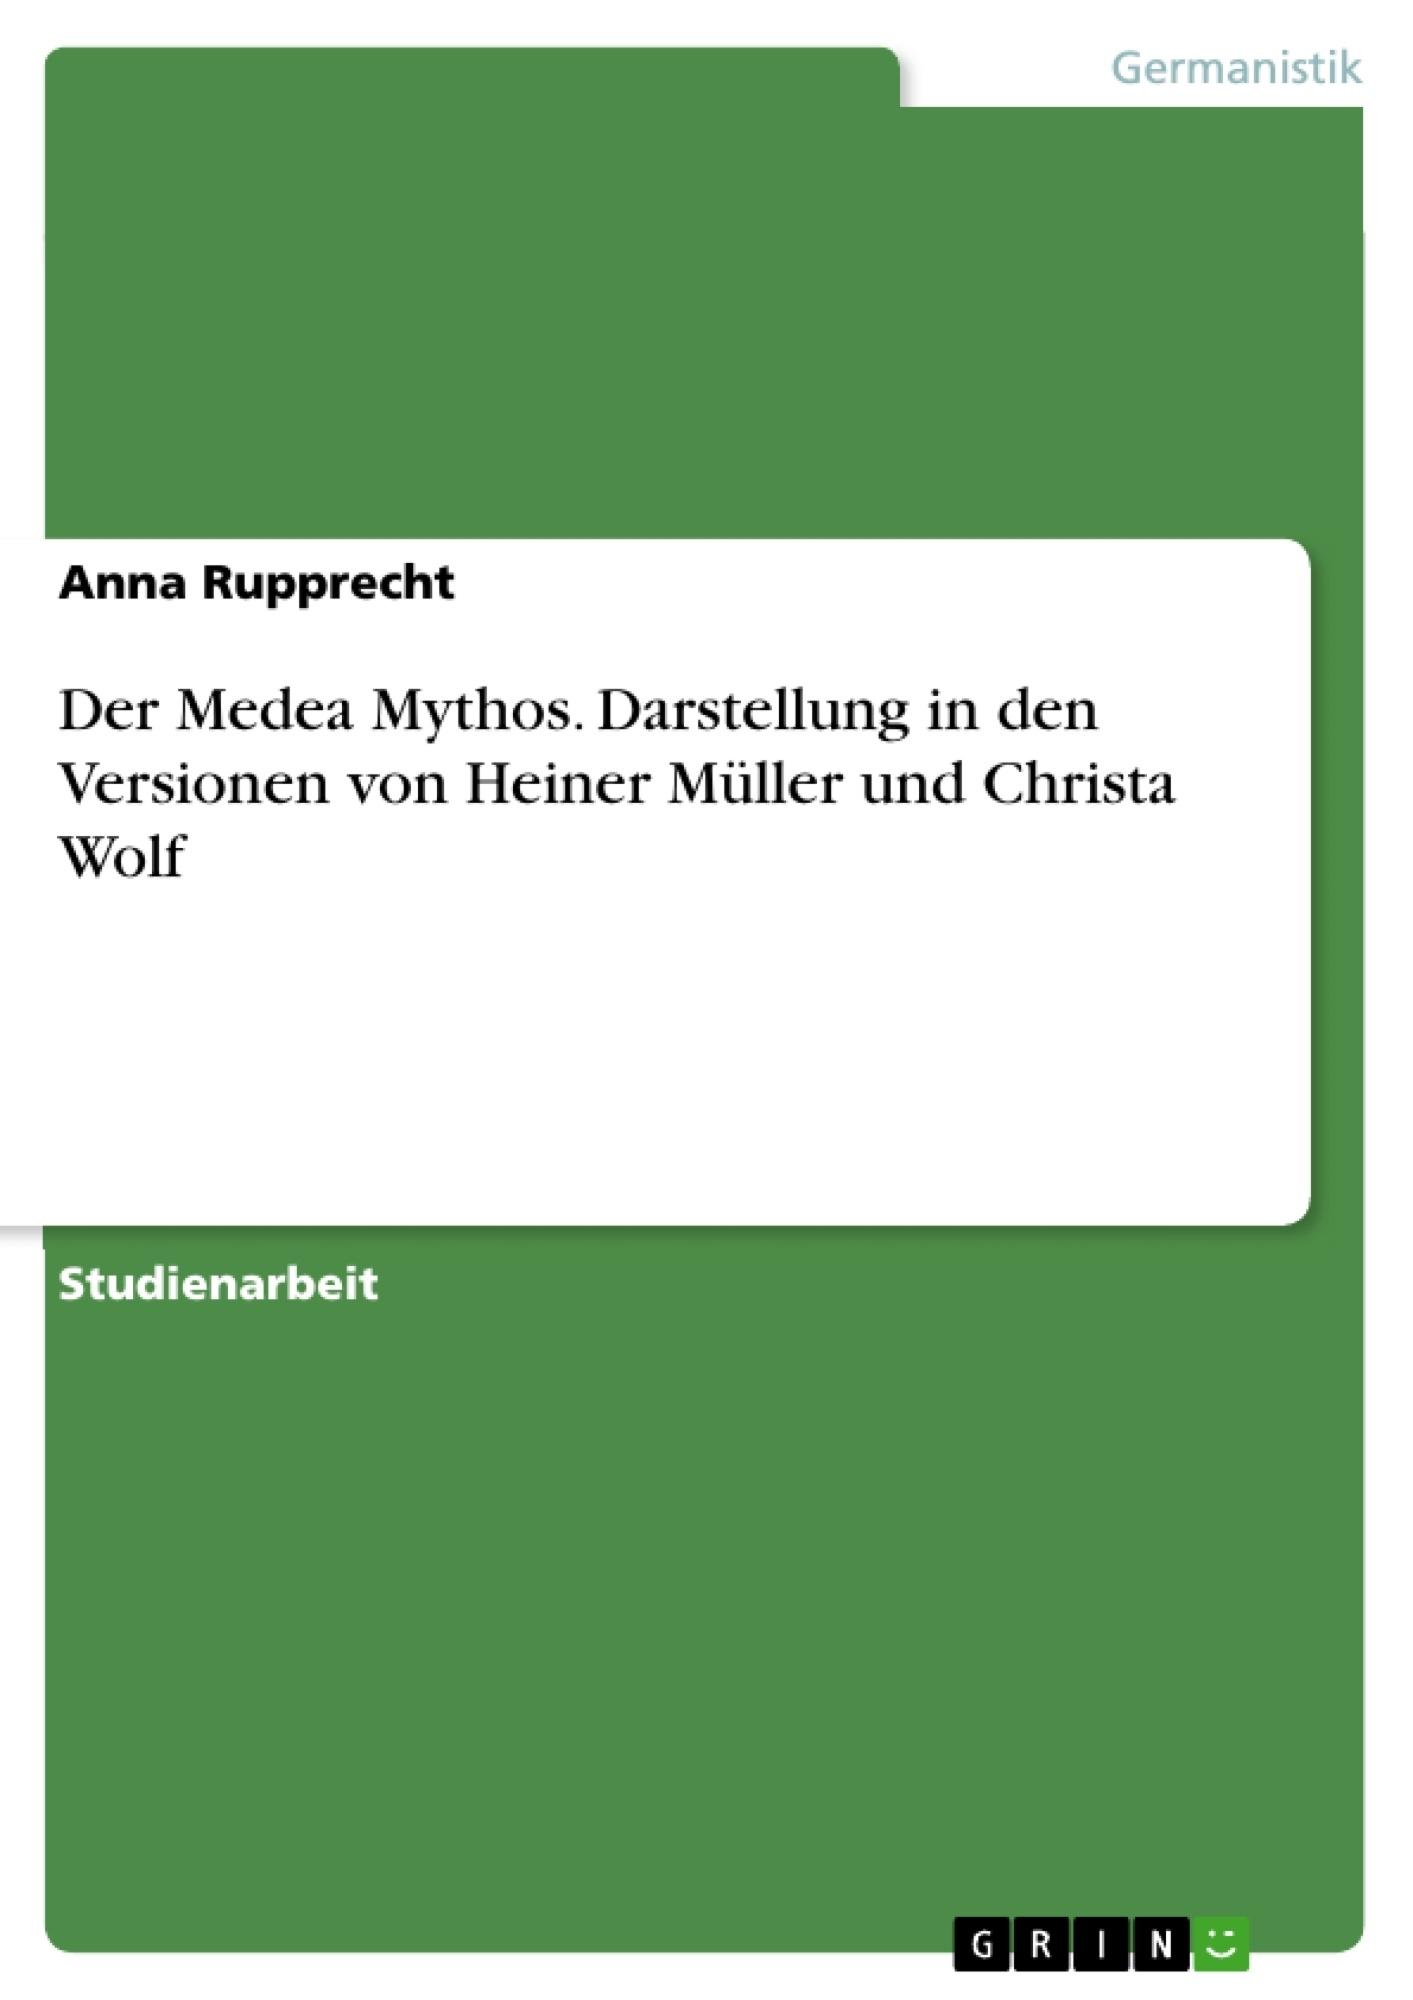 Titel: Der Medea Mythos. Darstellung in den Versionen von Heiner Müller und Christa Wolf